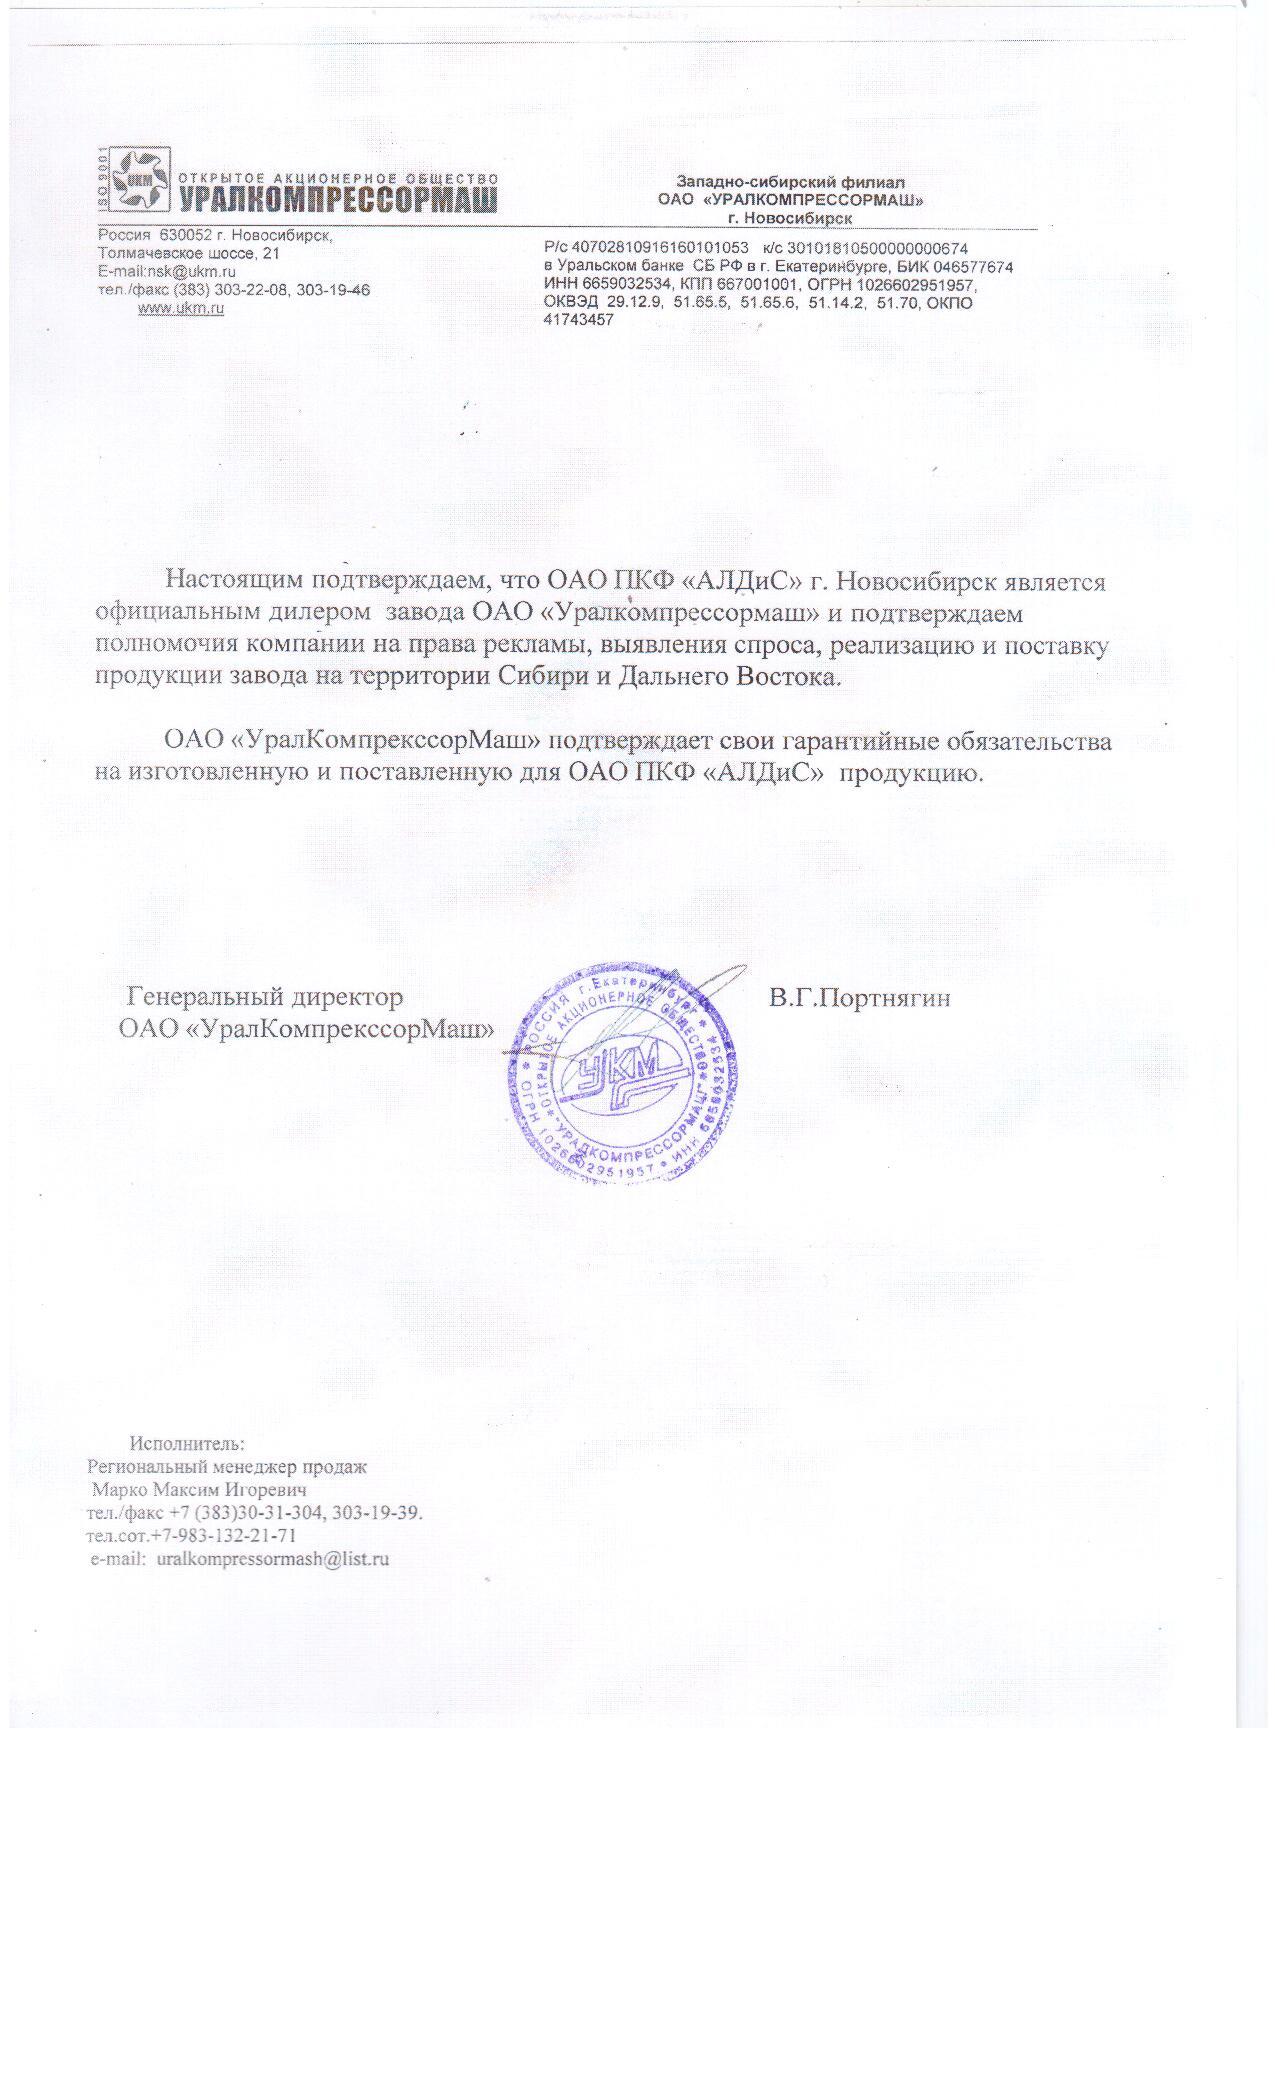 Сертификат о дилерстве от УралКомпрессорМаш